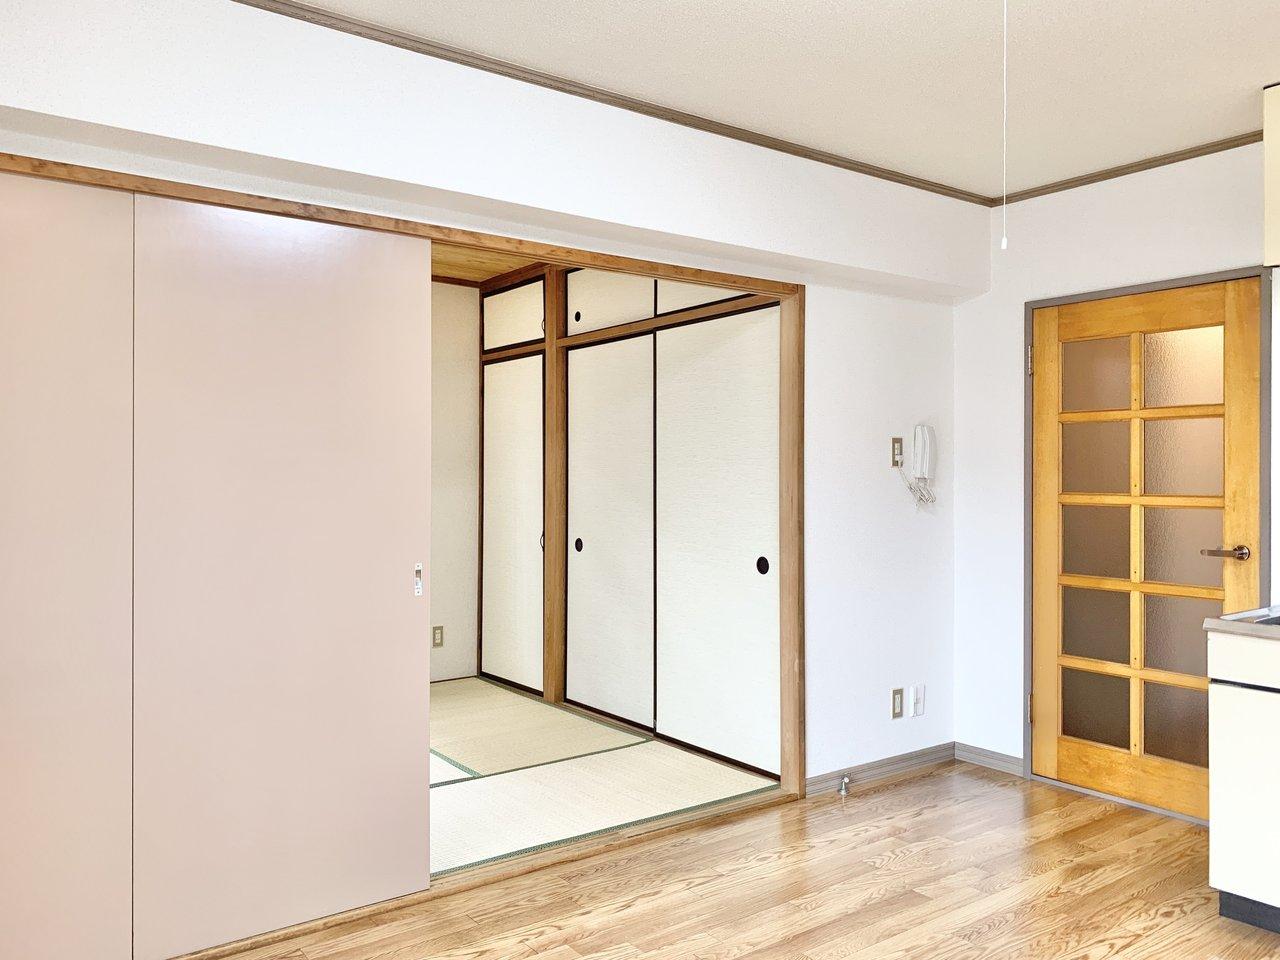 ダイニングと和室は引き戸で隣接しています。畳も張り替えられていてとても綺麗です。